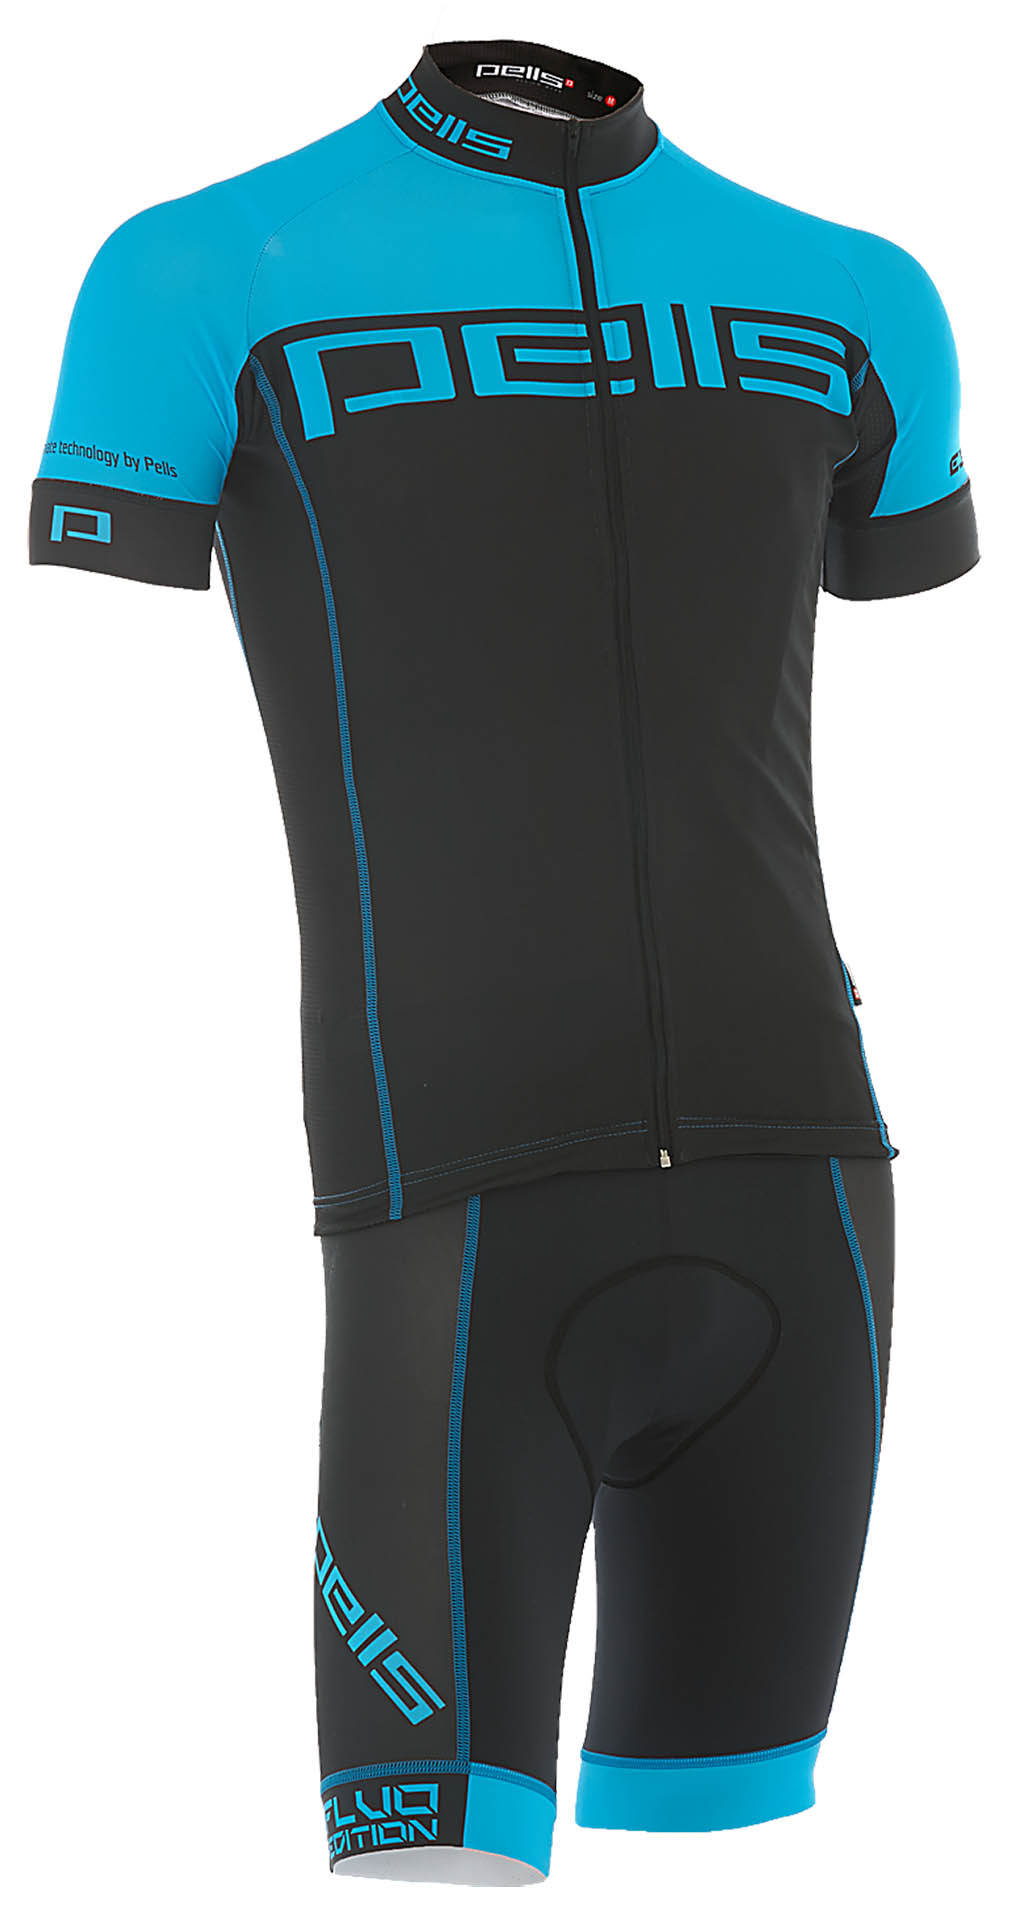 Pánský dres PELL'S FLUO, vel. 3XL, modrá, krátký rukáv - ZDARMA DOPRAVNÉ! (Pánský cyklistický dres PELL'S, vel. 3XL, krátký rukáv, barva modrá dle vyobrazení!)